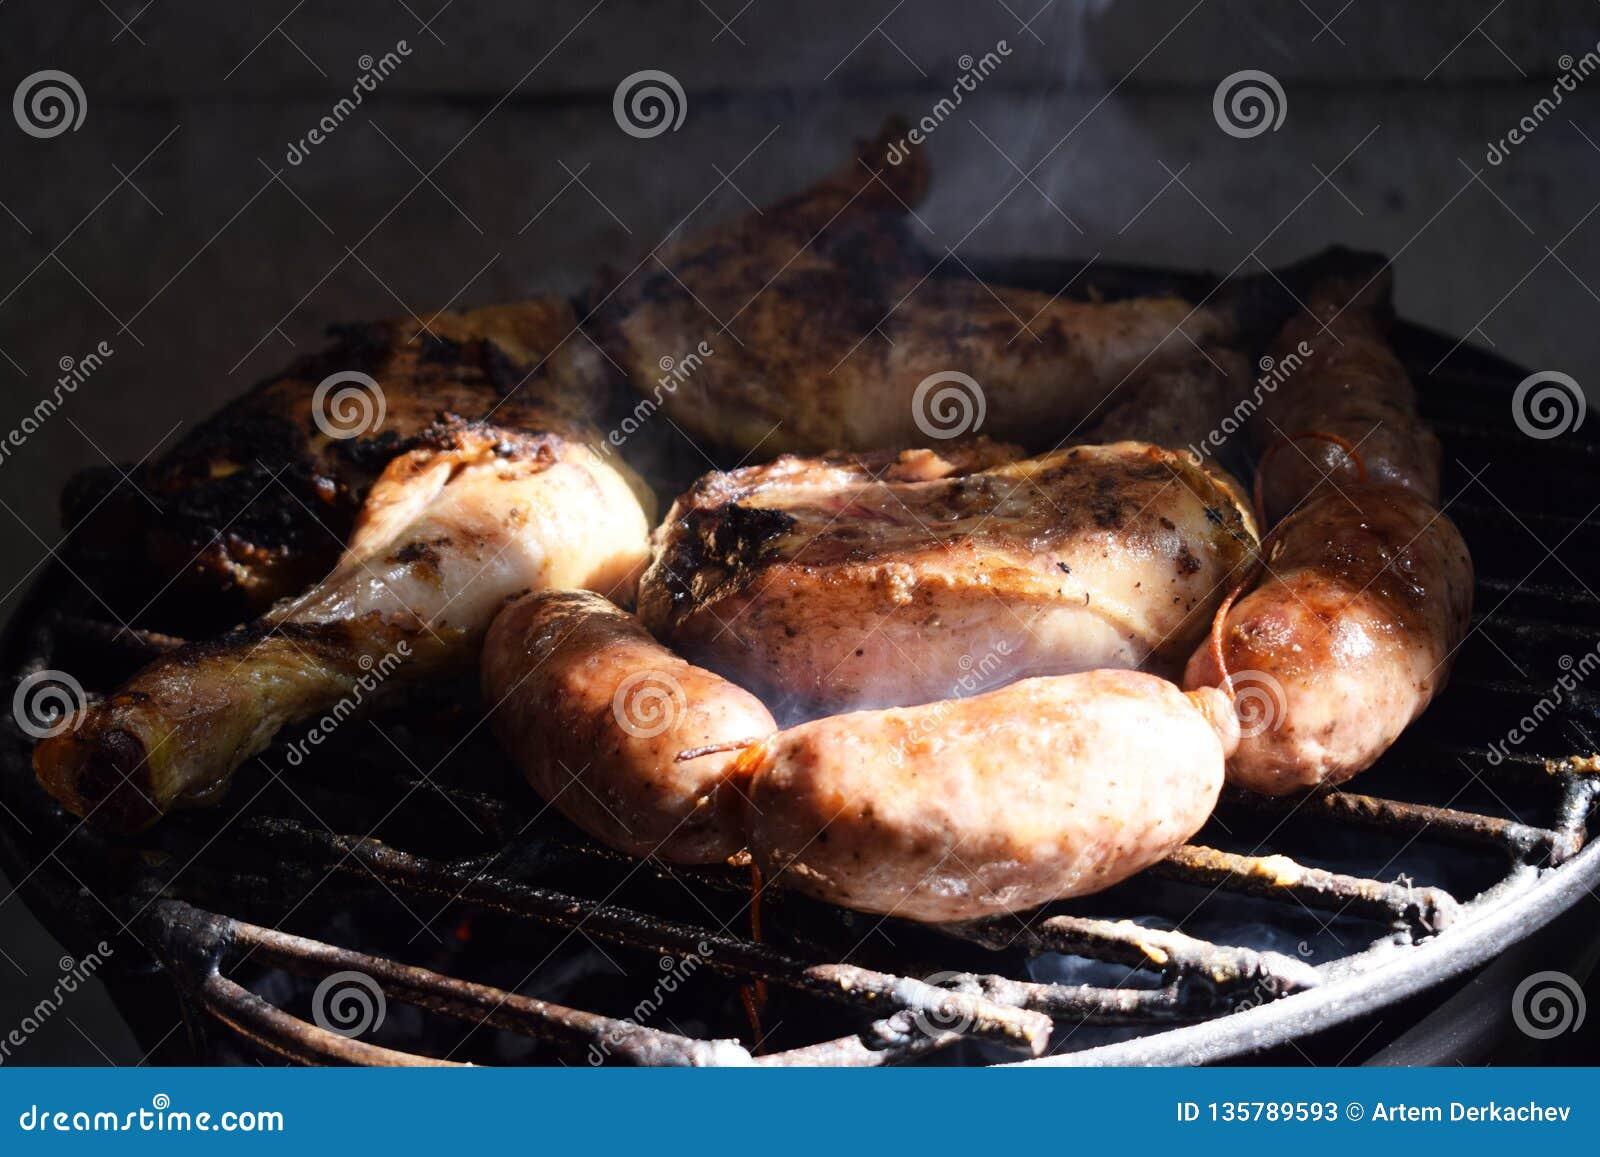 Sur la rue ils font cuire la viande, le chorizo et le poulet grillés